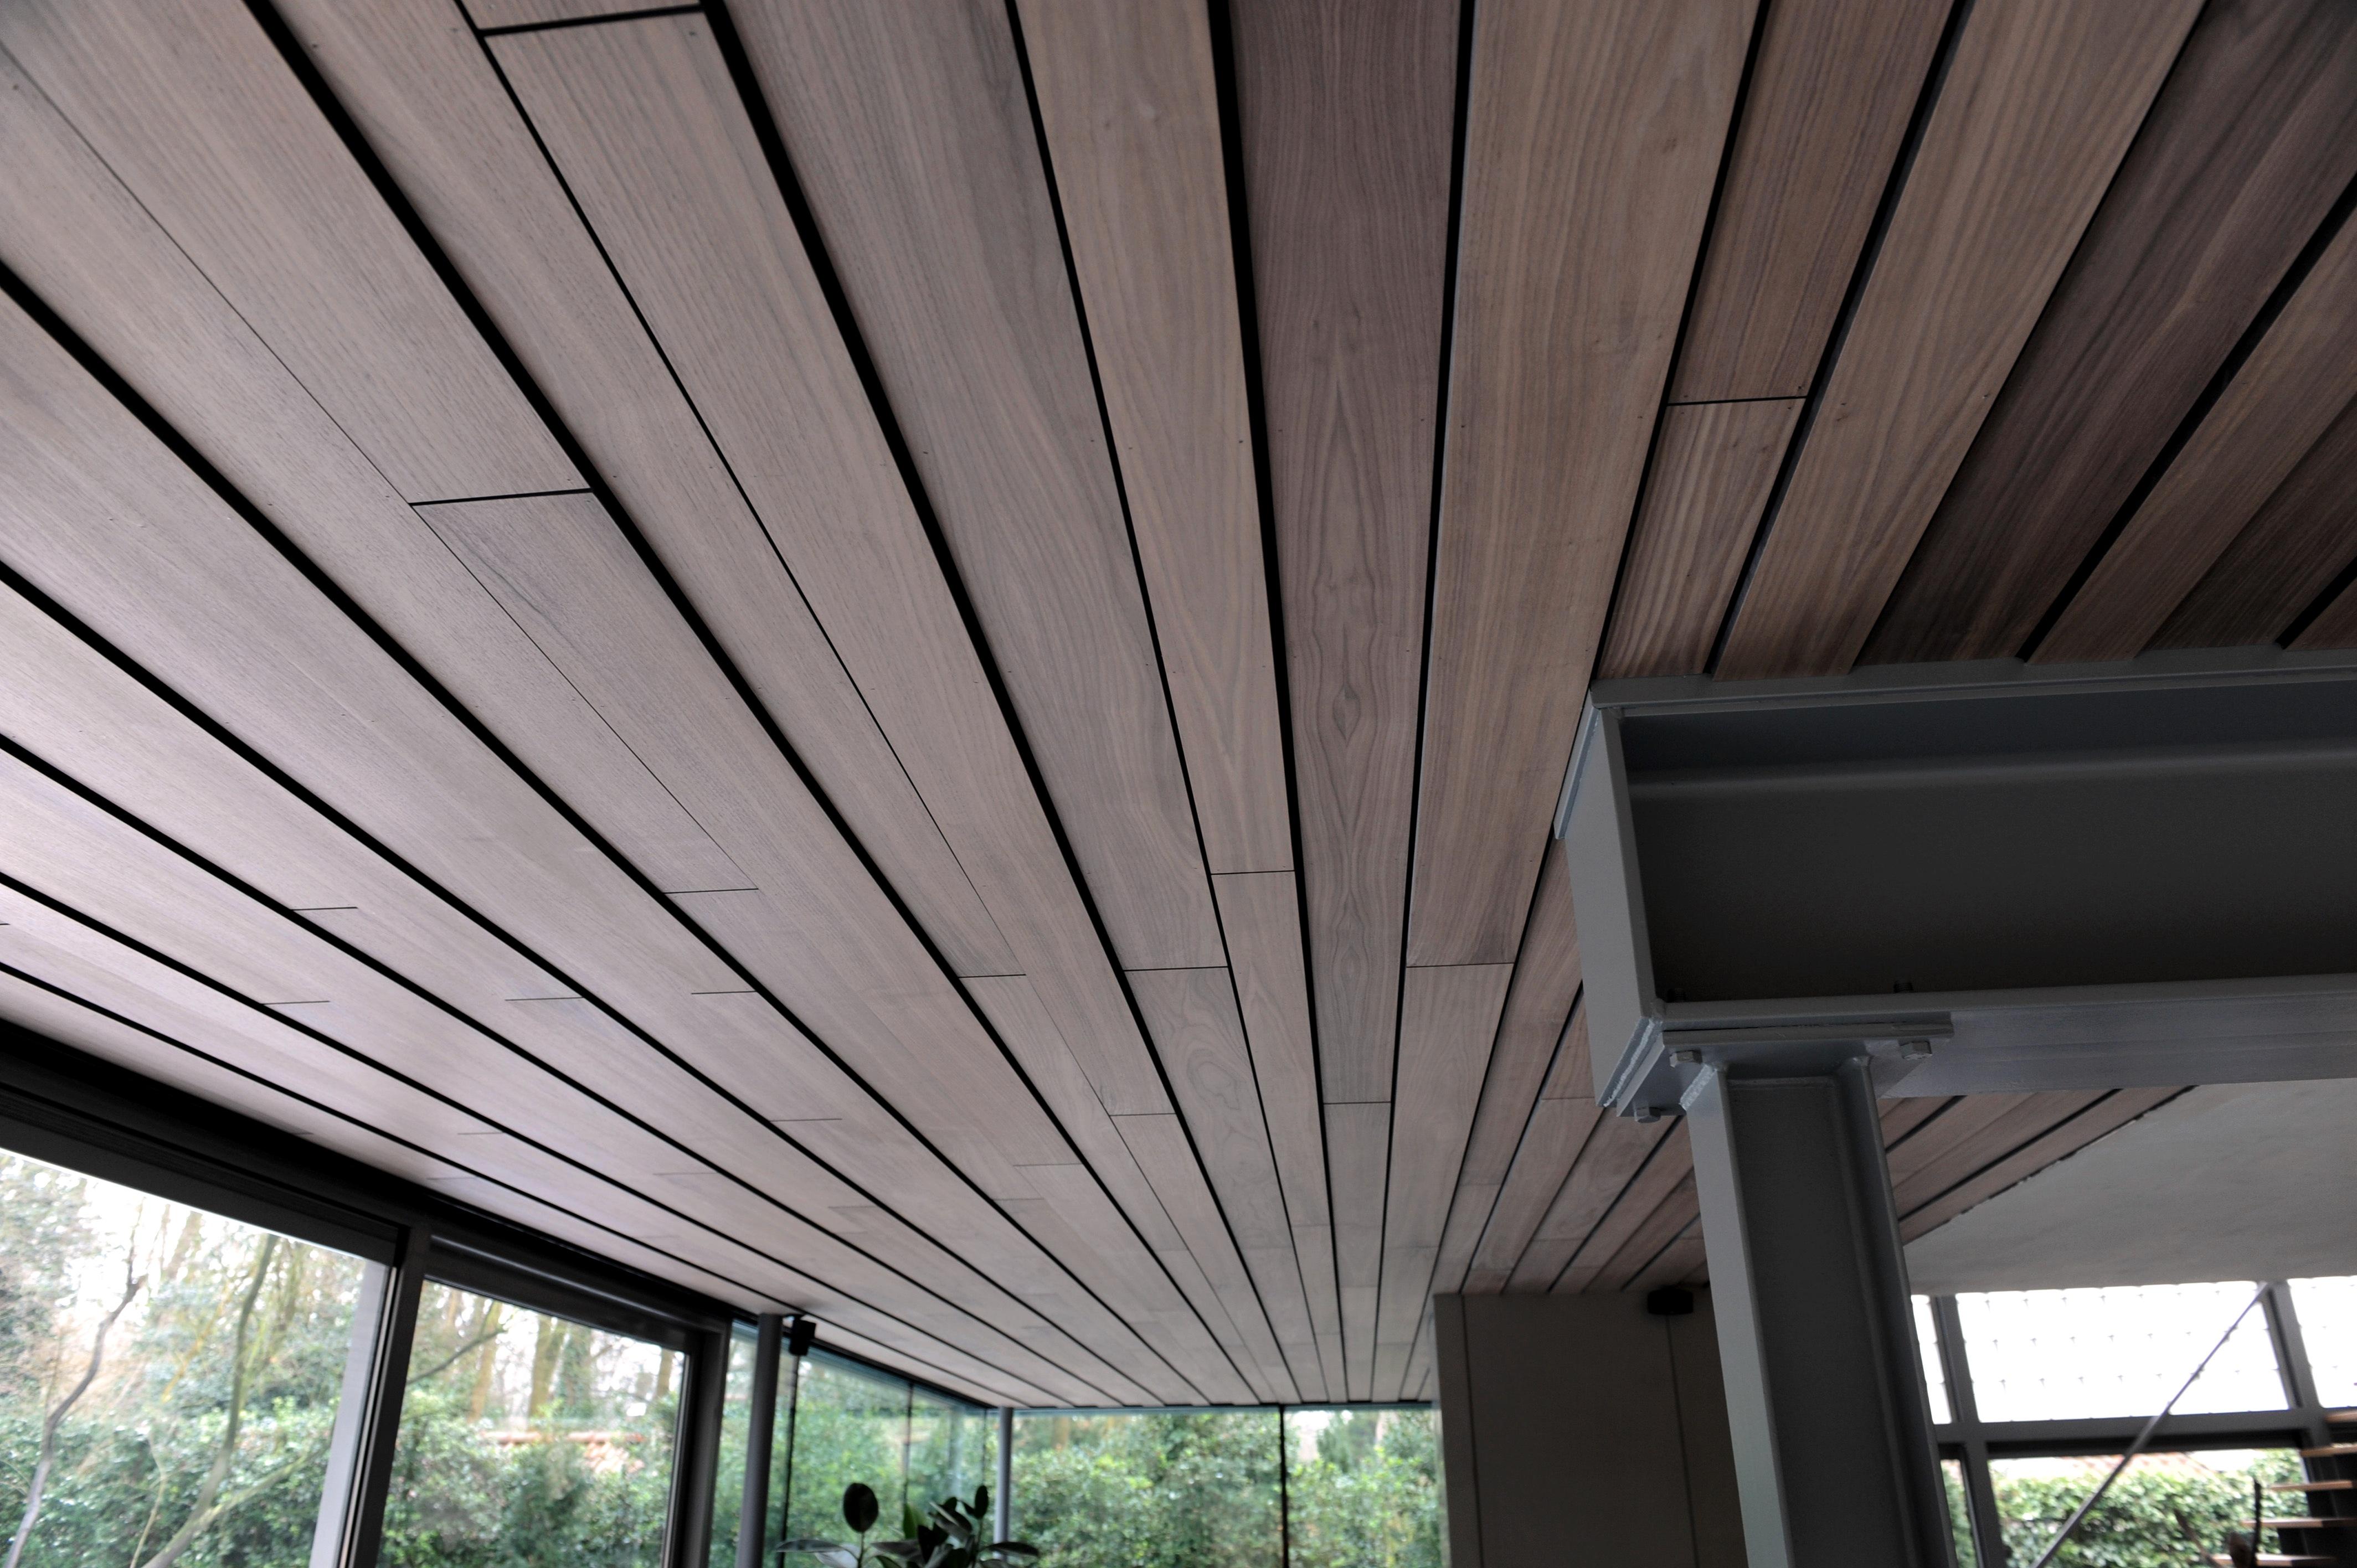 Badkamer Plafond Witten. Aluminium Luxalon Badkamer Plafond Met ...